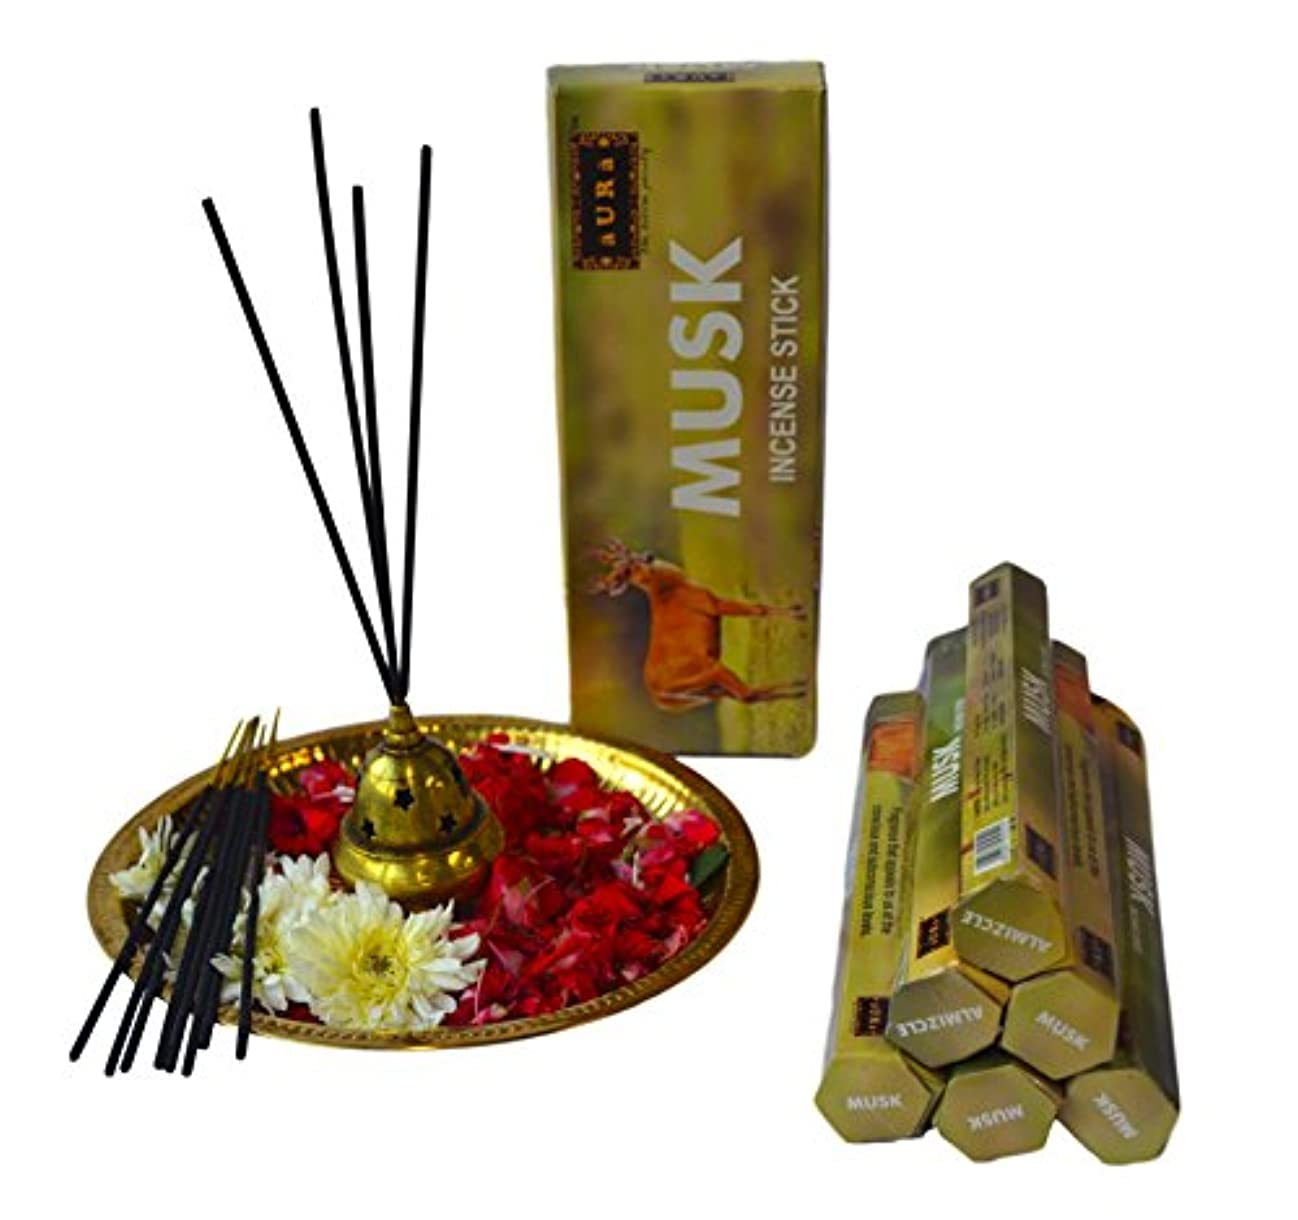 に対応やろう対角線オーラムスクの香りお香、プレミアム天然Incense Sticks、六角packing-120 Sticks